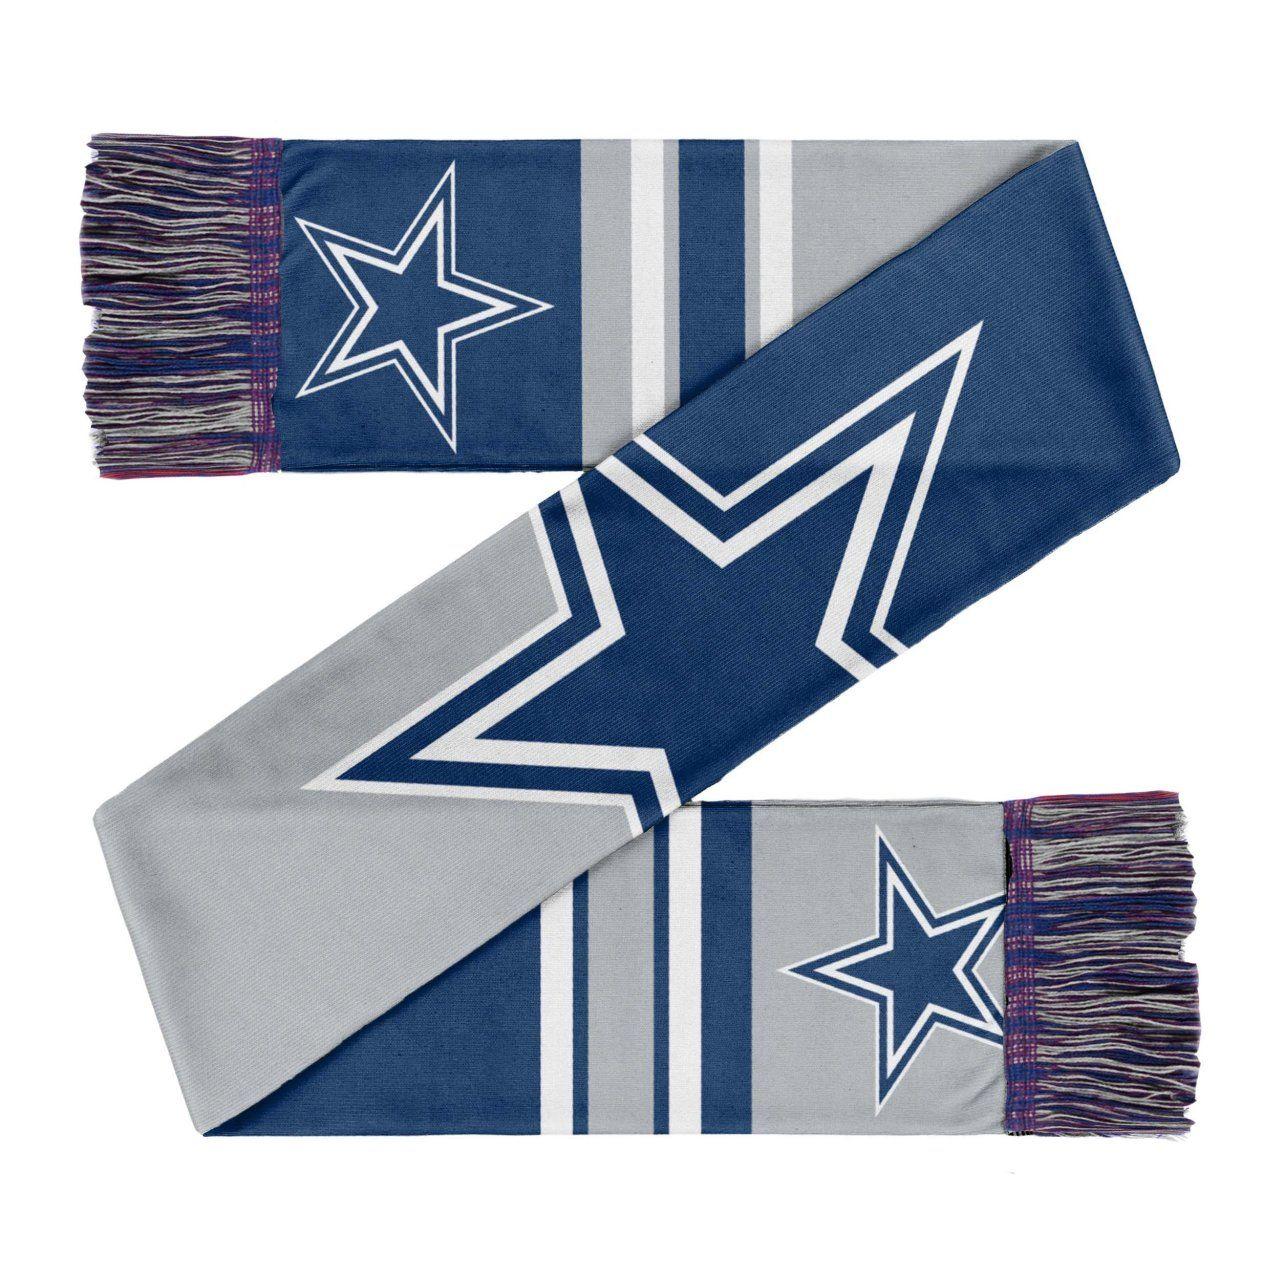 amfoo - Forever Collectibles Schal - BIG LOGO Dallas Cowboys